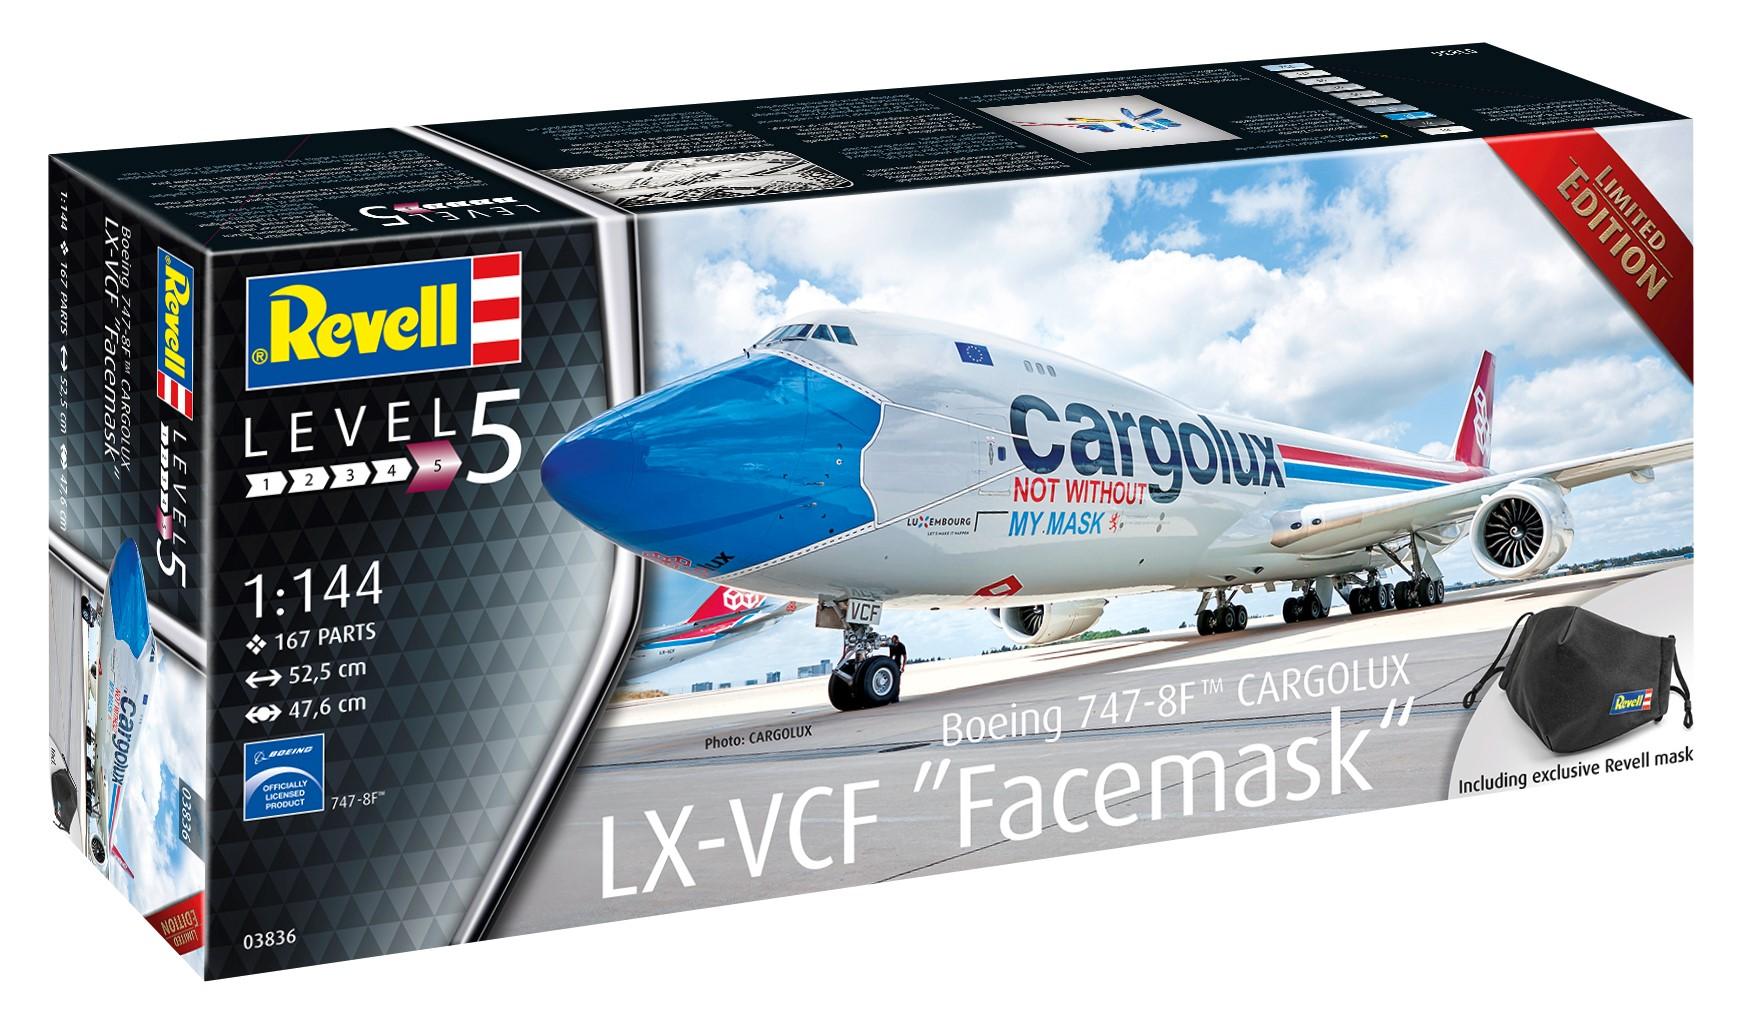 Revell-03836-Boeing-747-8F-CARGOLUX-LX-VCF-Facemask-C-Cargolux-2 Revell Neuheiten 2021